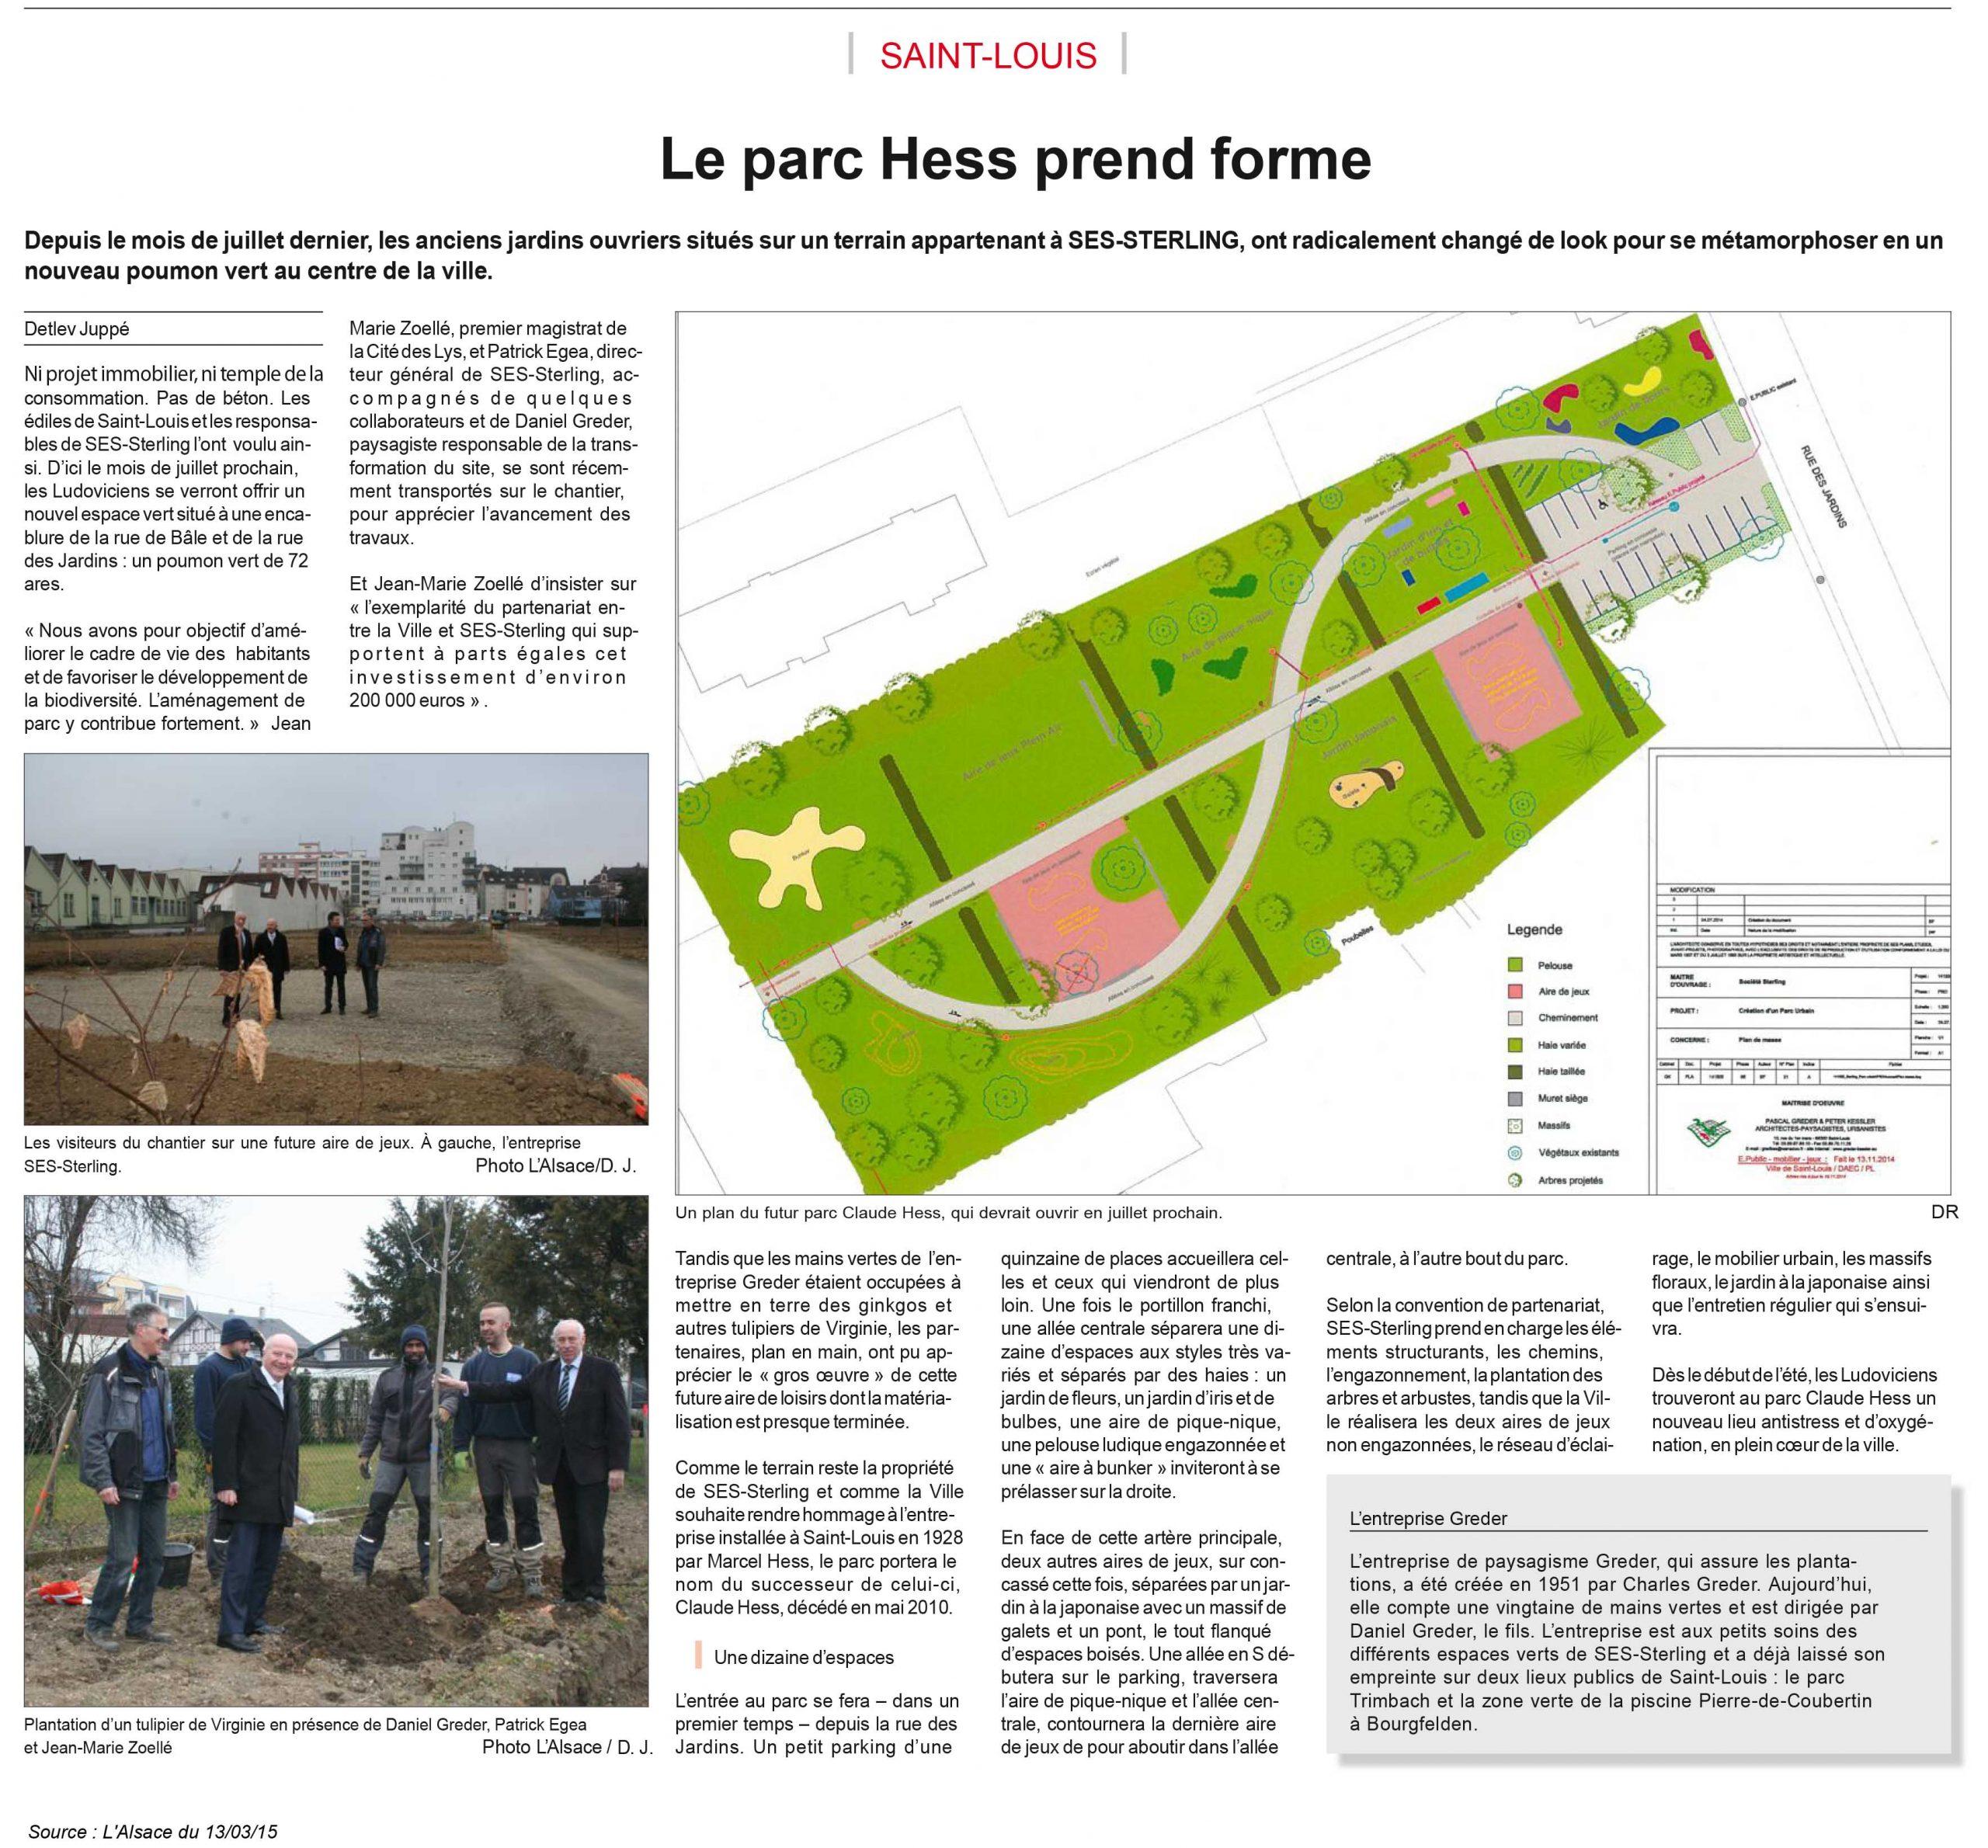 SES-STERLING : construction du parc HESS (L'Alsace - mars 2015)